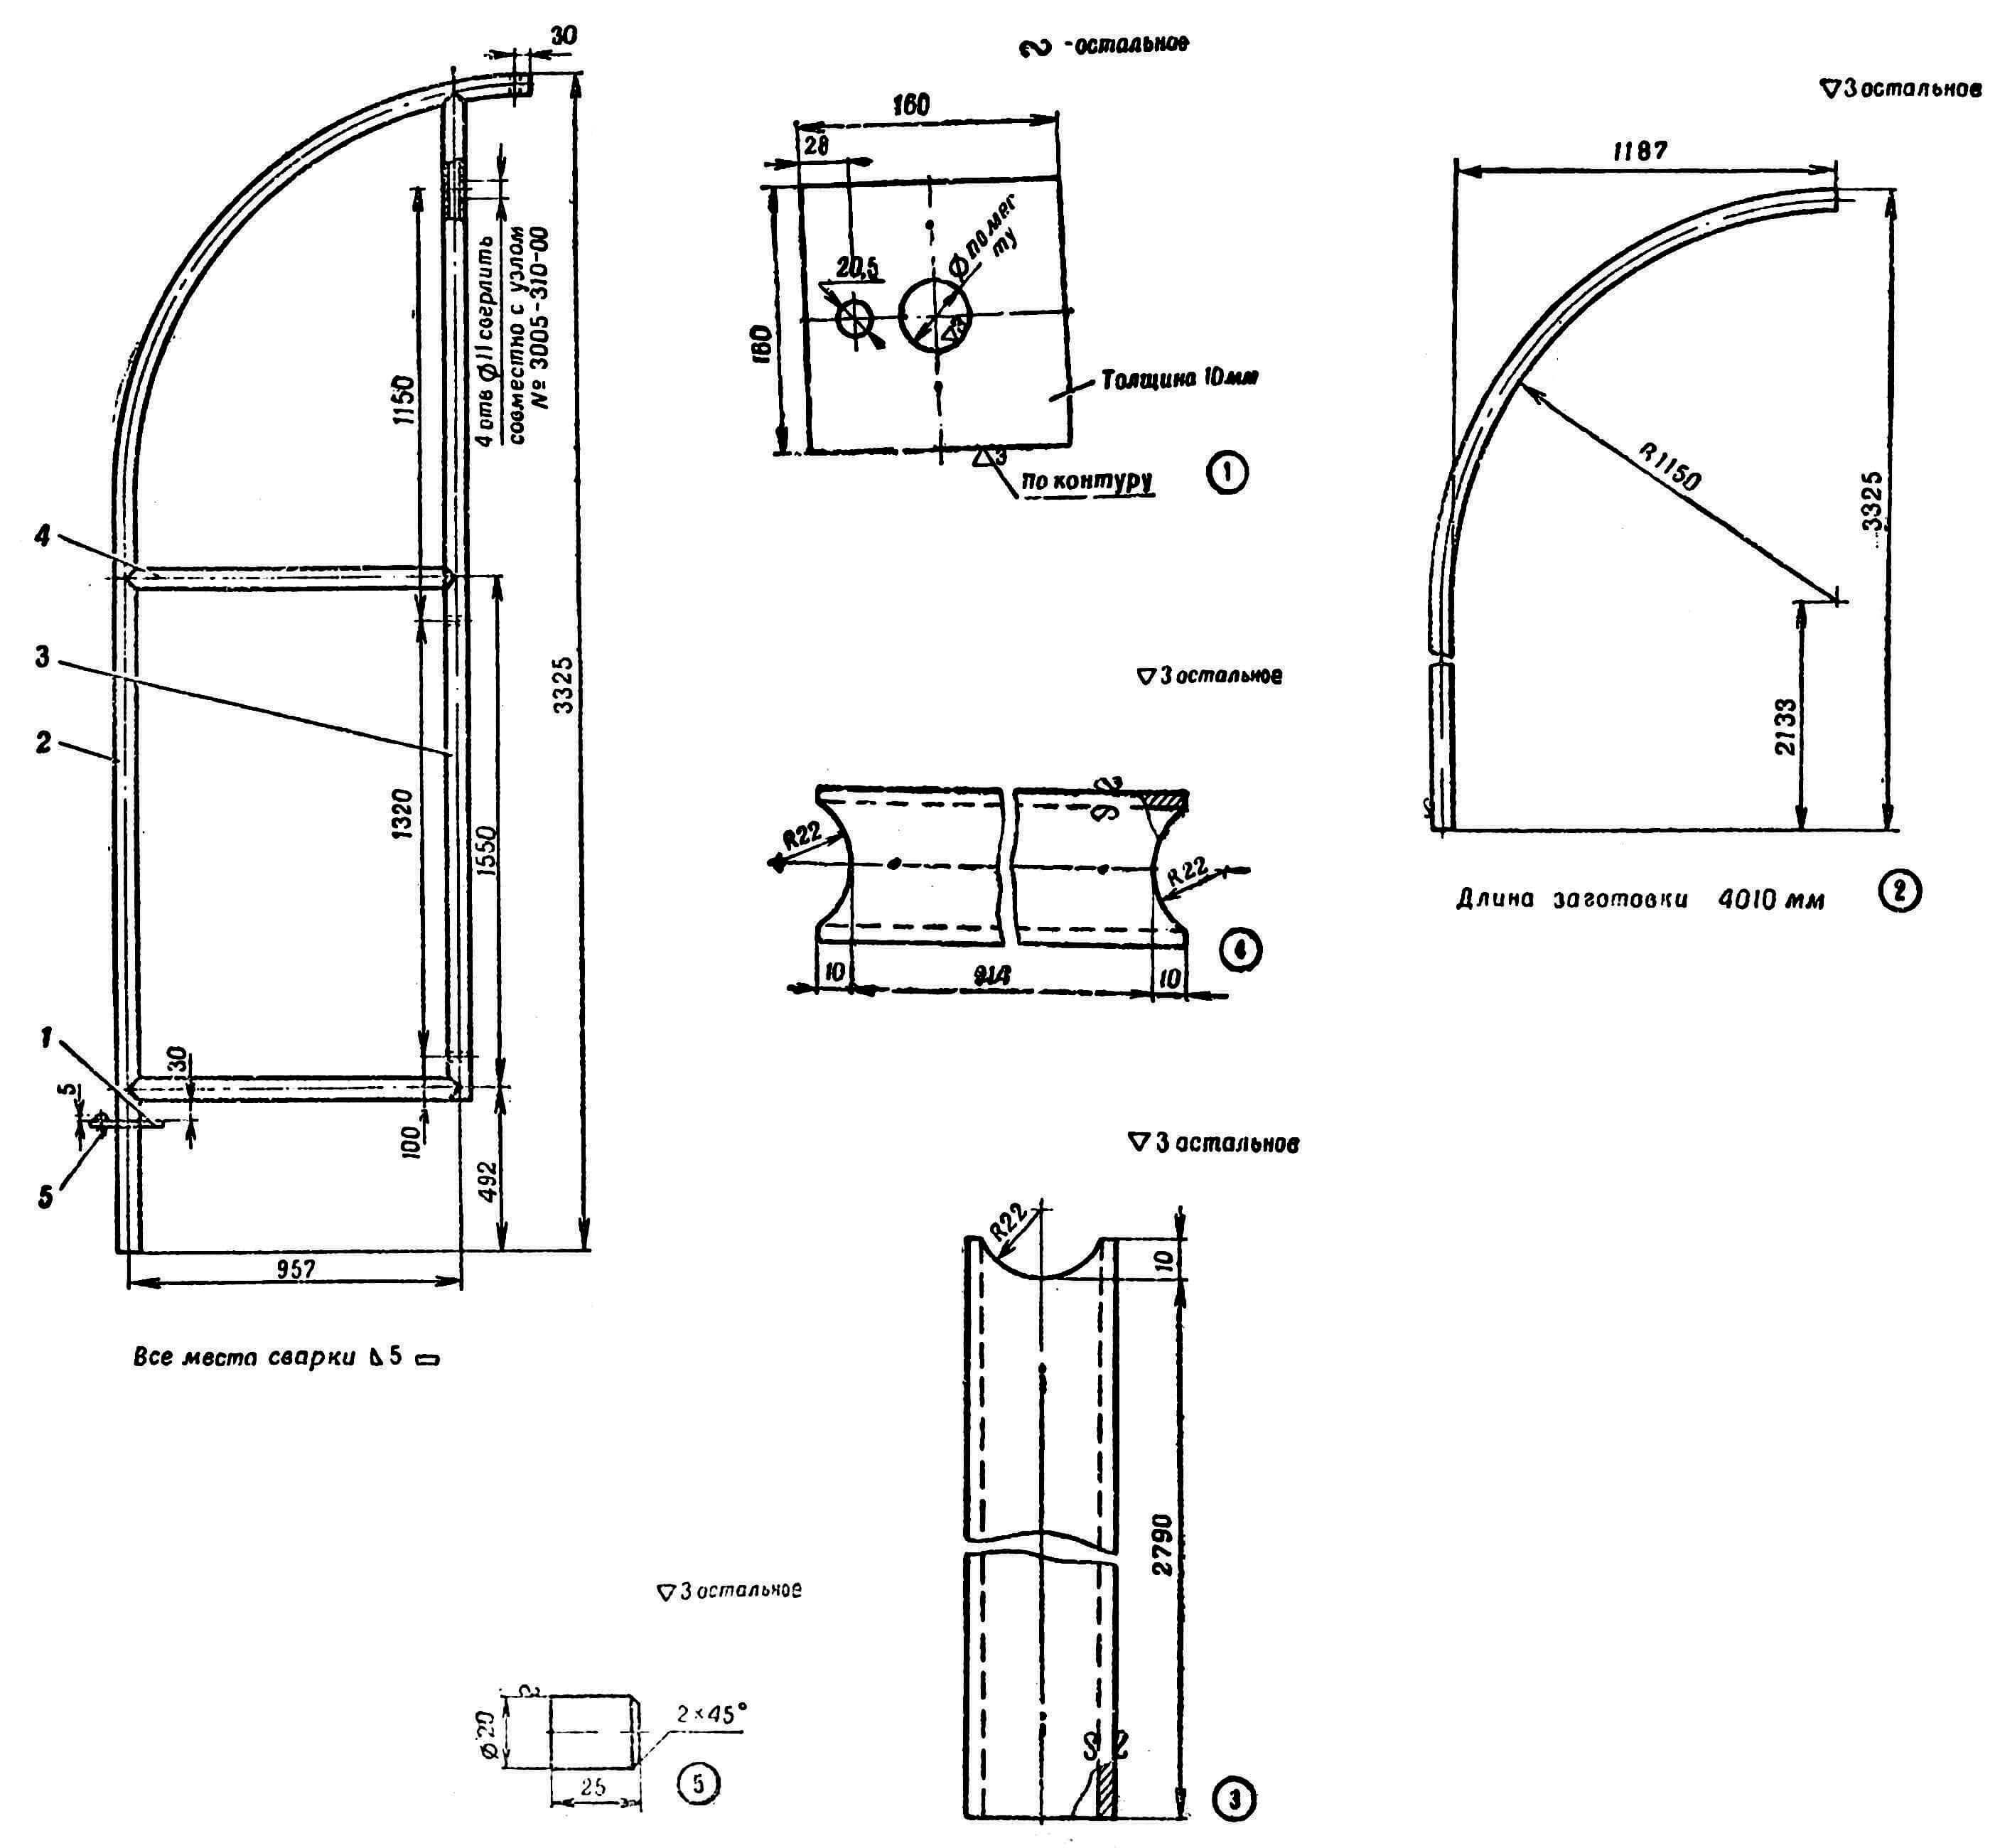 Рис. 3. Каркас стенки и его детали: 1 — фланец, 2 — дуга, 3 — стойка, 4 — перемычка, 5 — фиксатор.